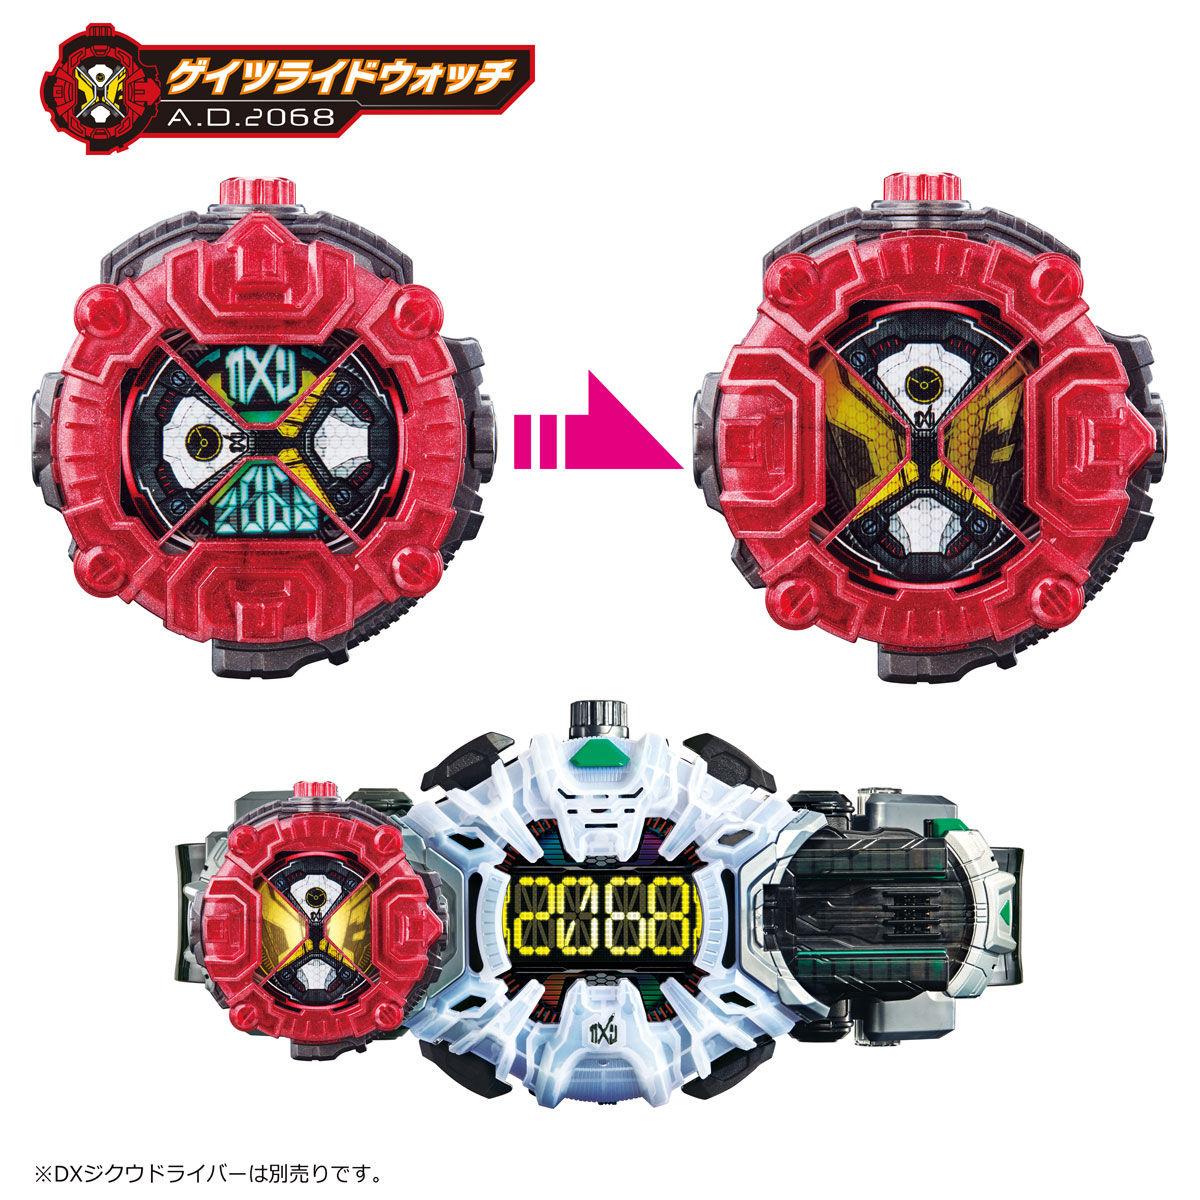 【限定販売】仮面ライダージオウ『DXメモリアルライドウォッチセット』変身なりきり-009